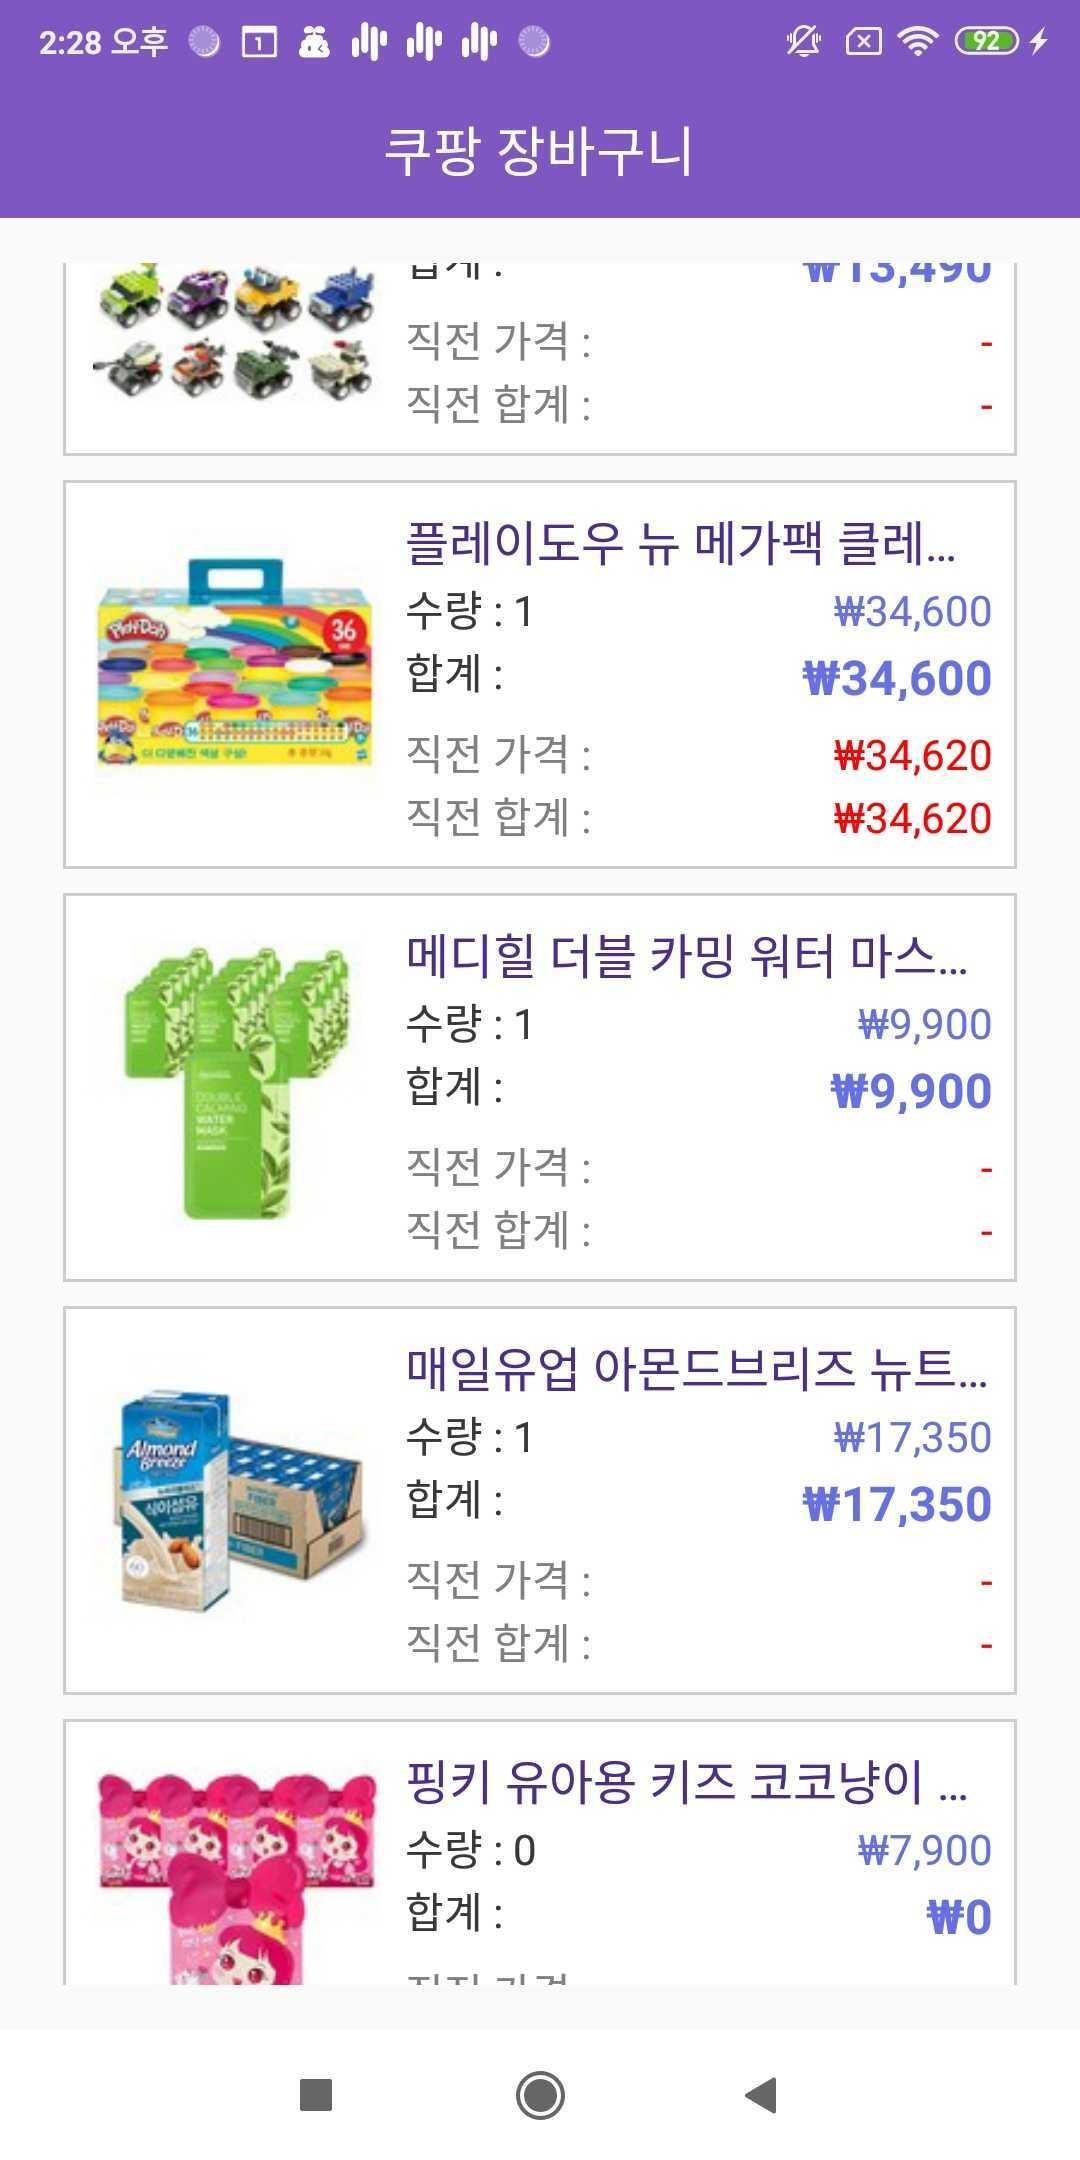 Screenshot_2021-01-18-14-28-17-215_com.chris.coupangcart.jpg